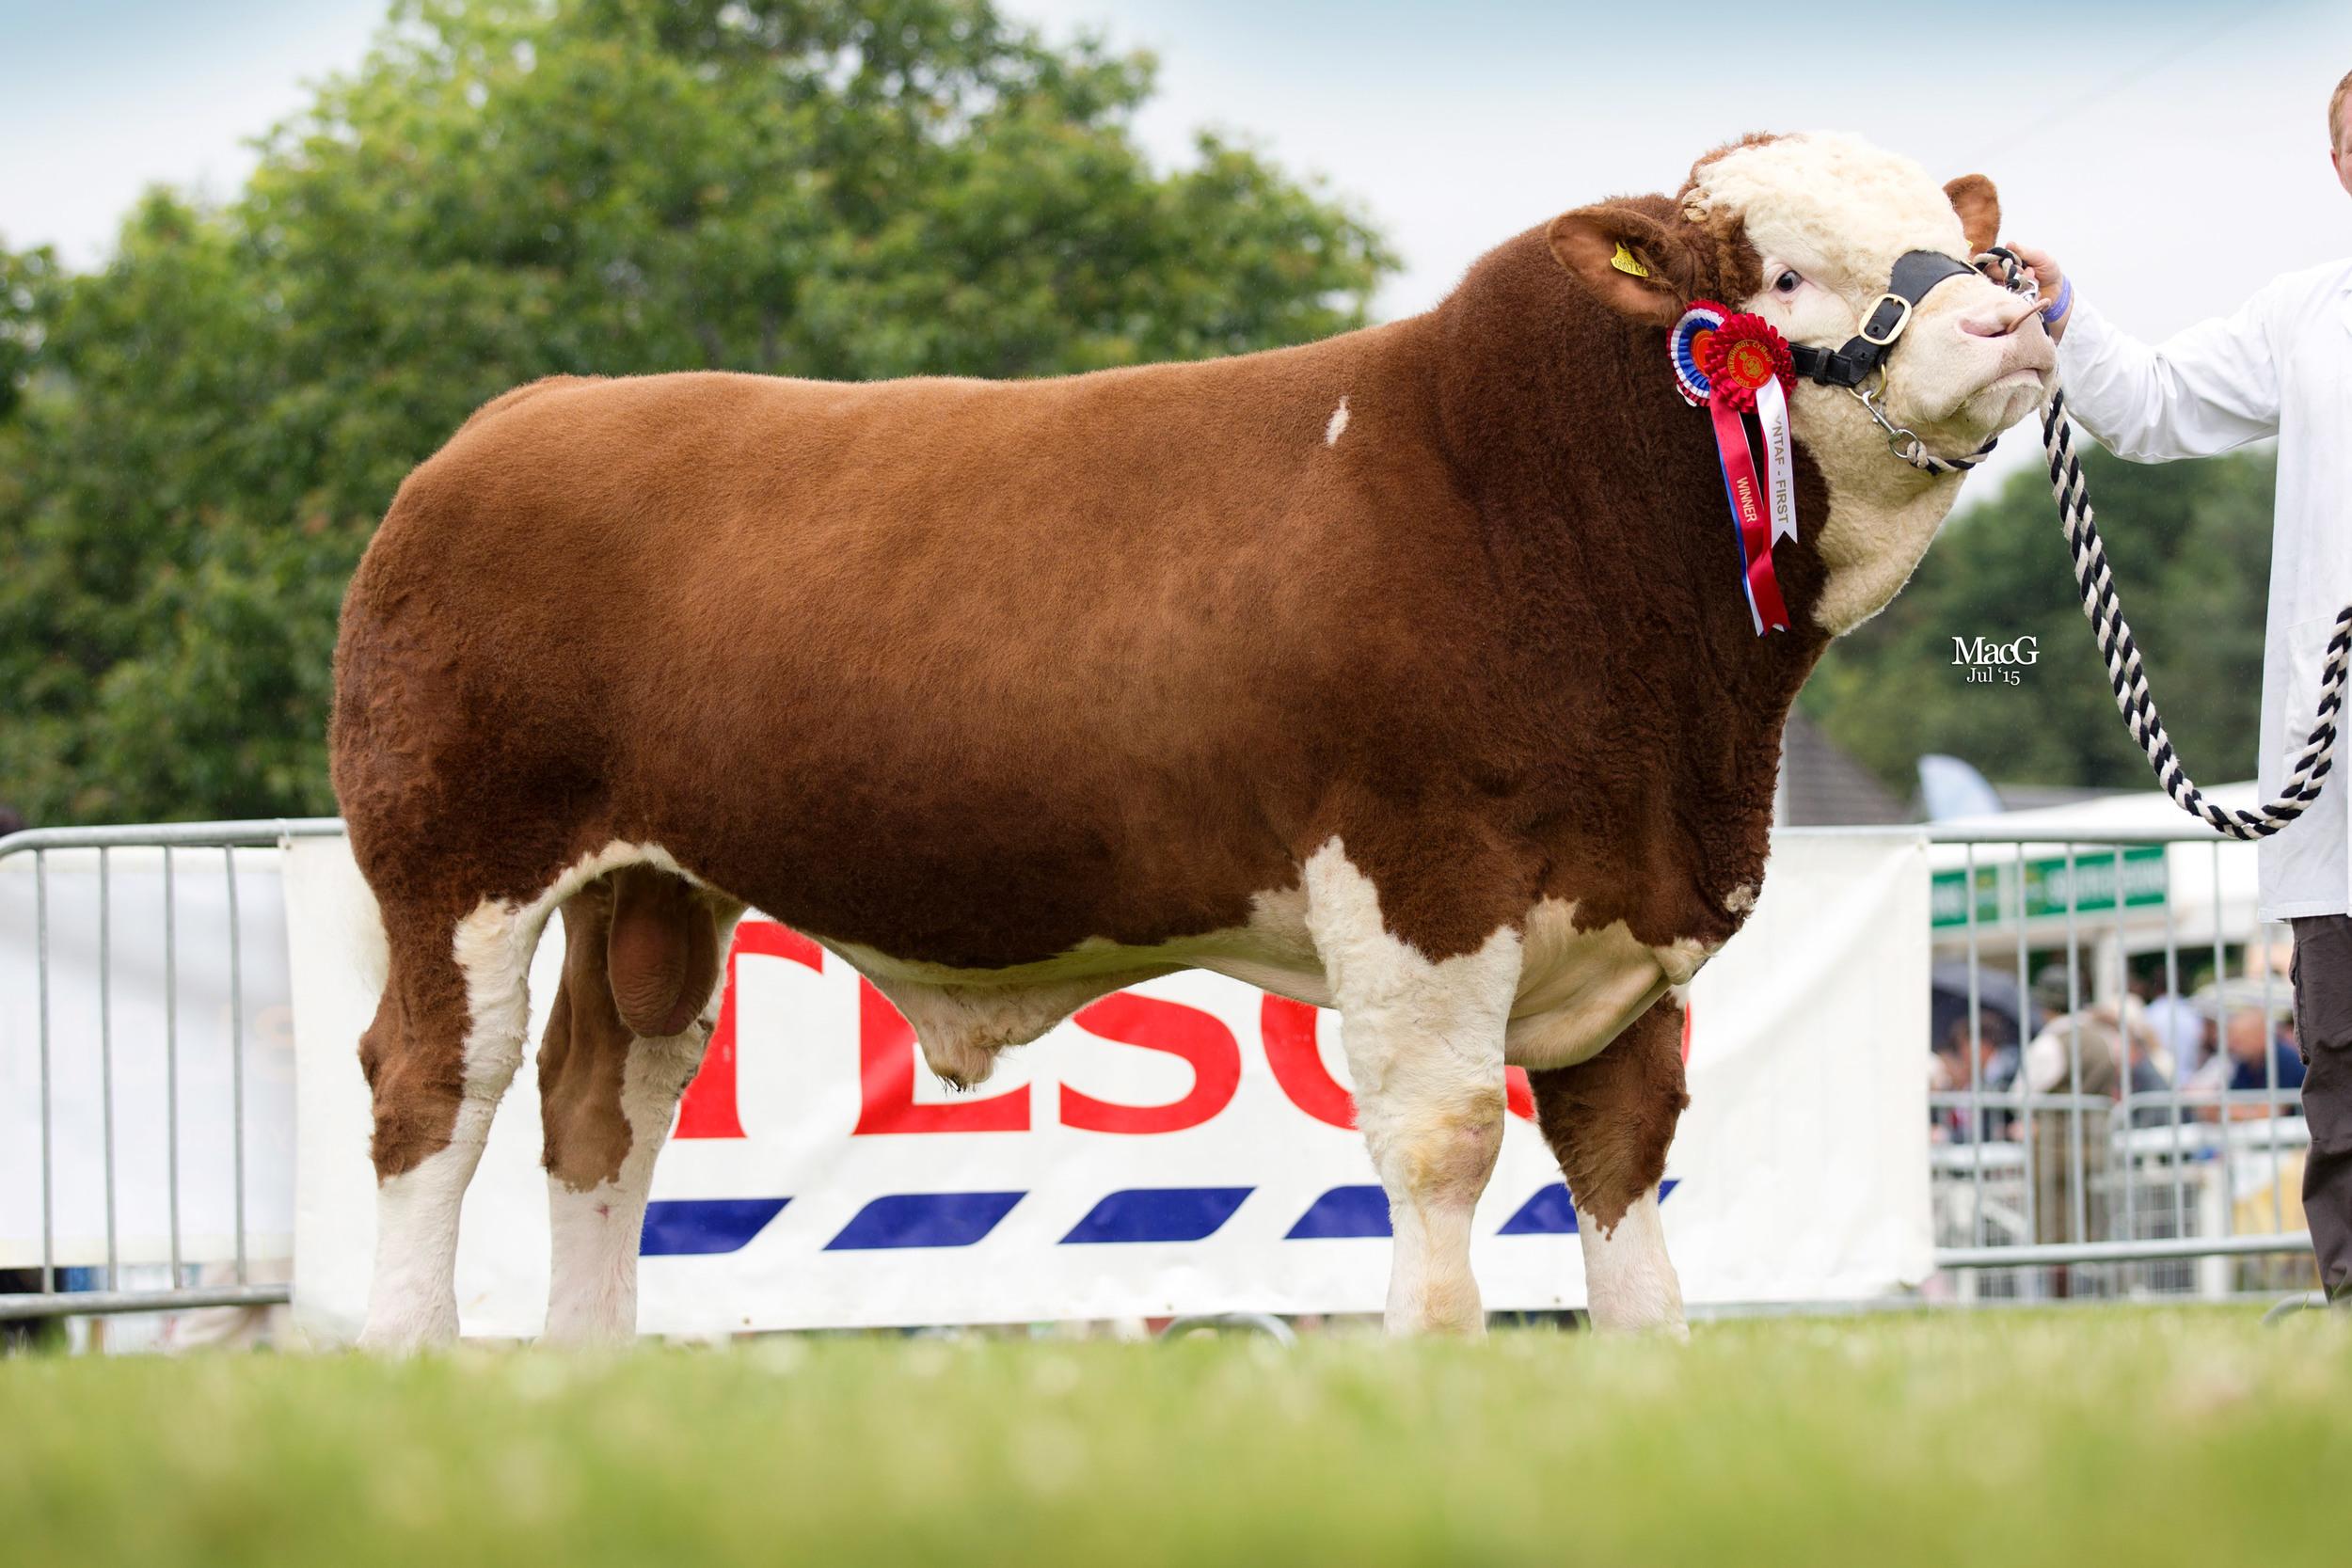 Llwynmelyn Euan 13 - Bull, born on or before 31.12.13